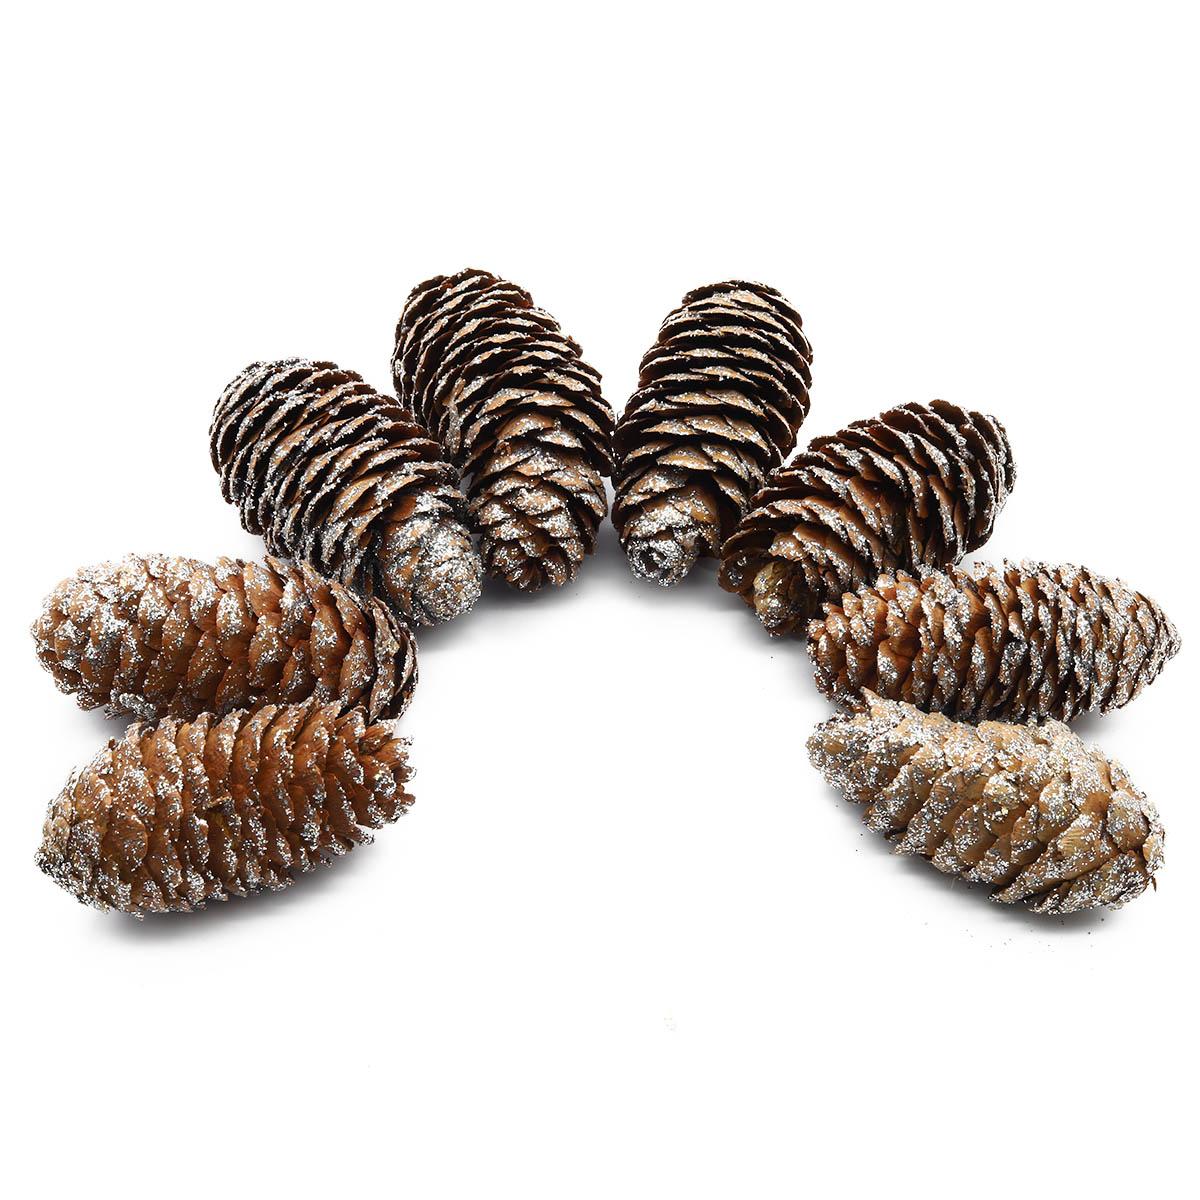 XY19-844 Шишки обработанные натуральные длина 6-8 см, ширина 3-4 см, 8шт/упак